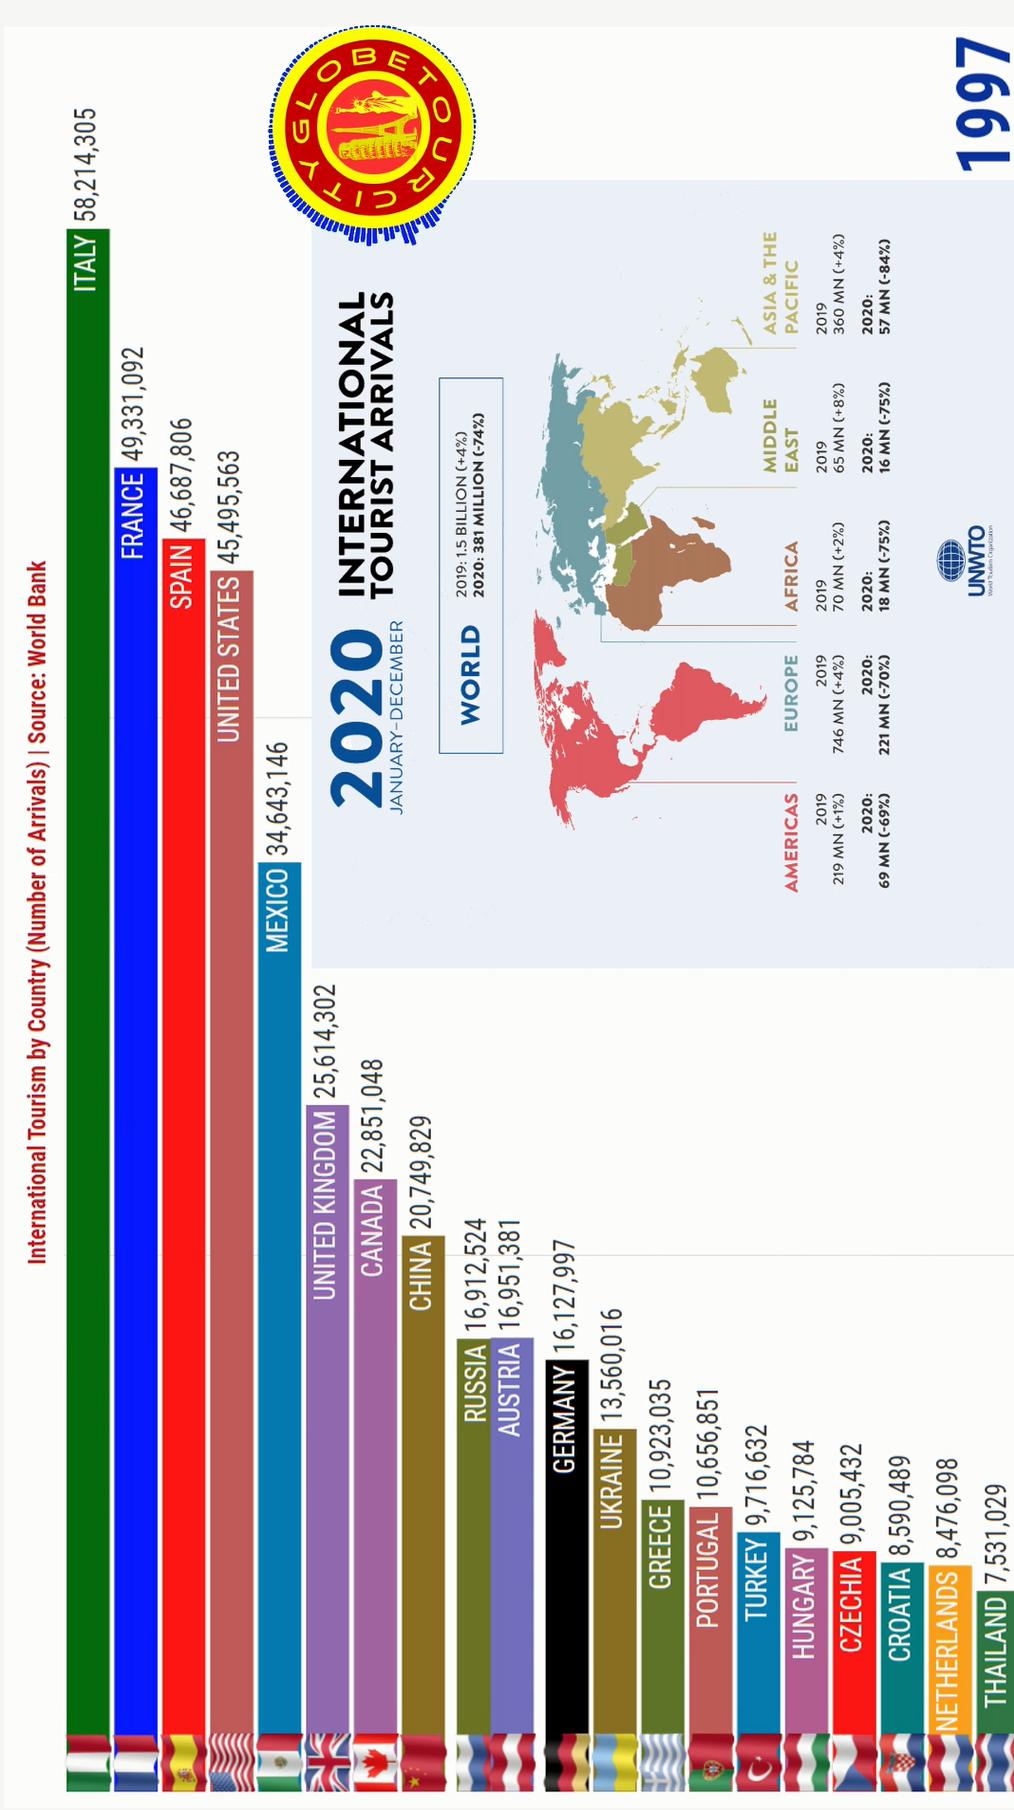 Os Países Mais Visitados do Mundo